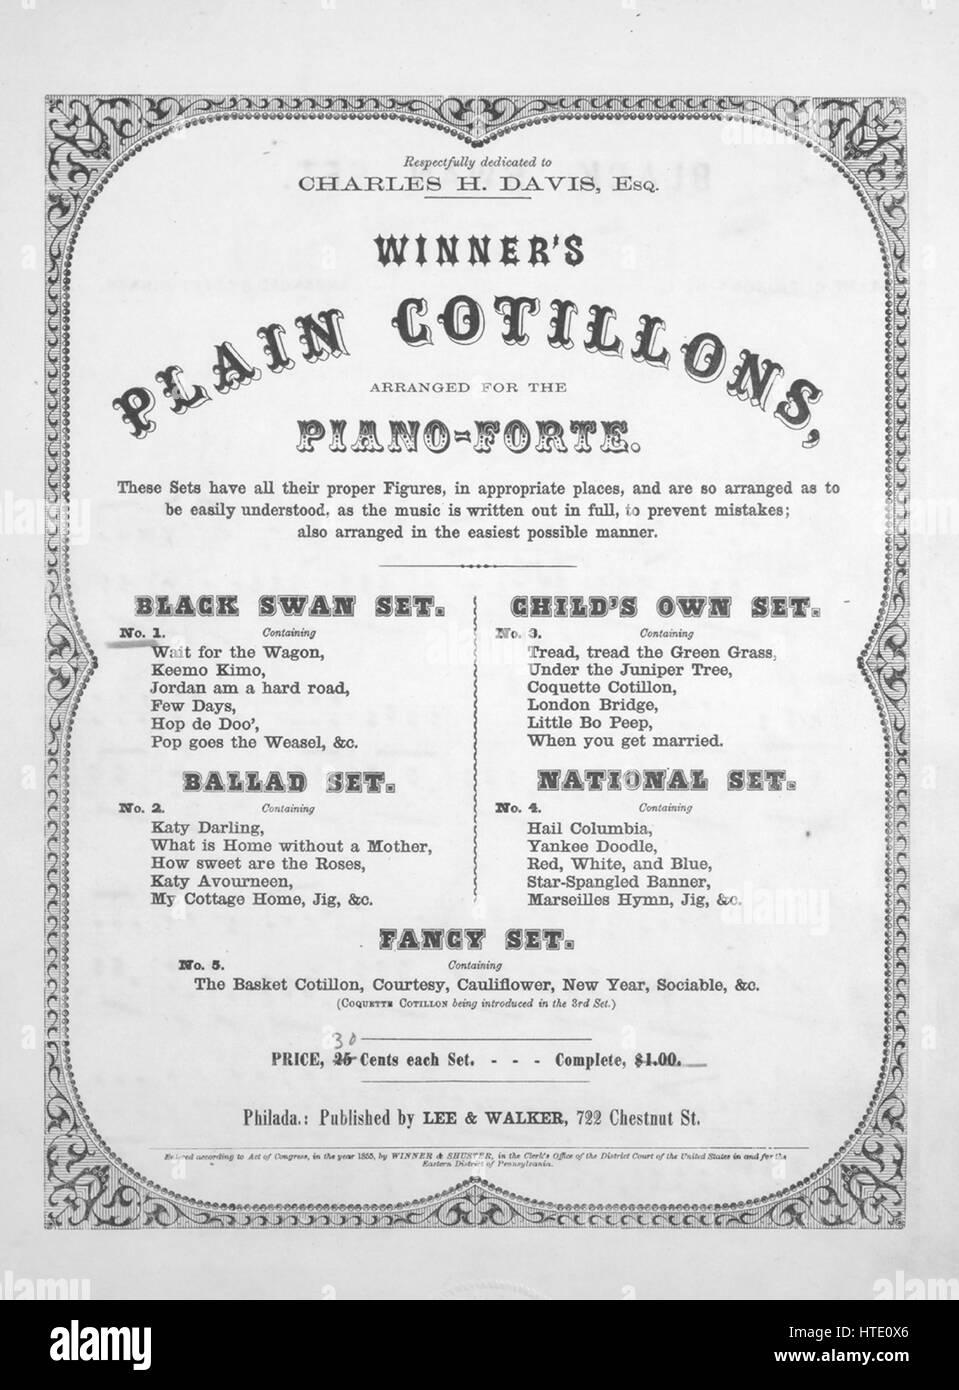 Sheet music cover image of the song 'Winner's Plain